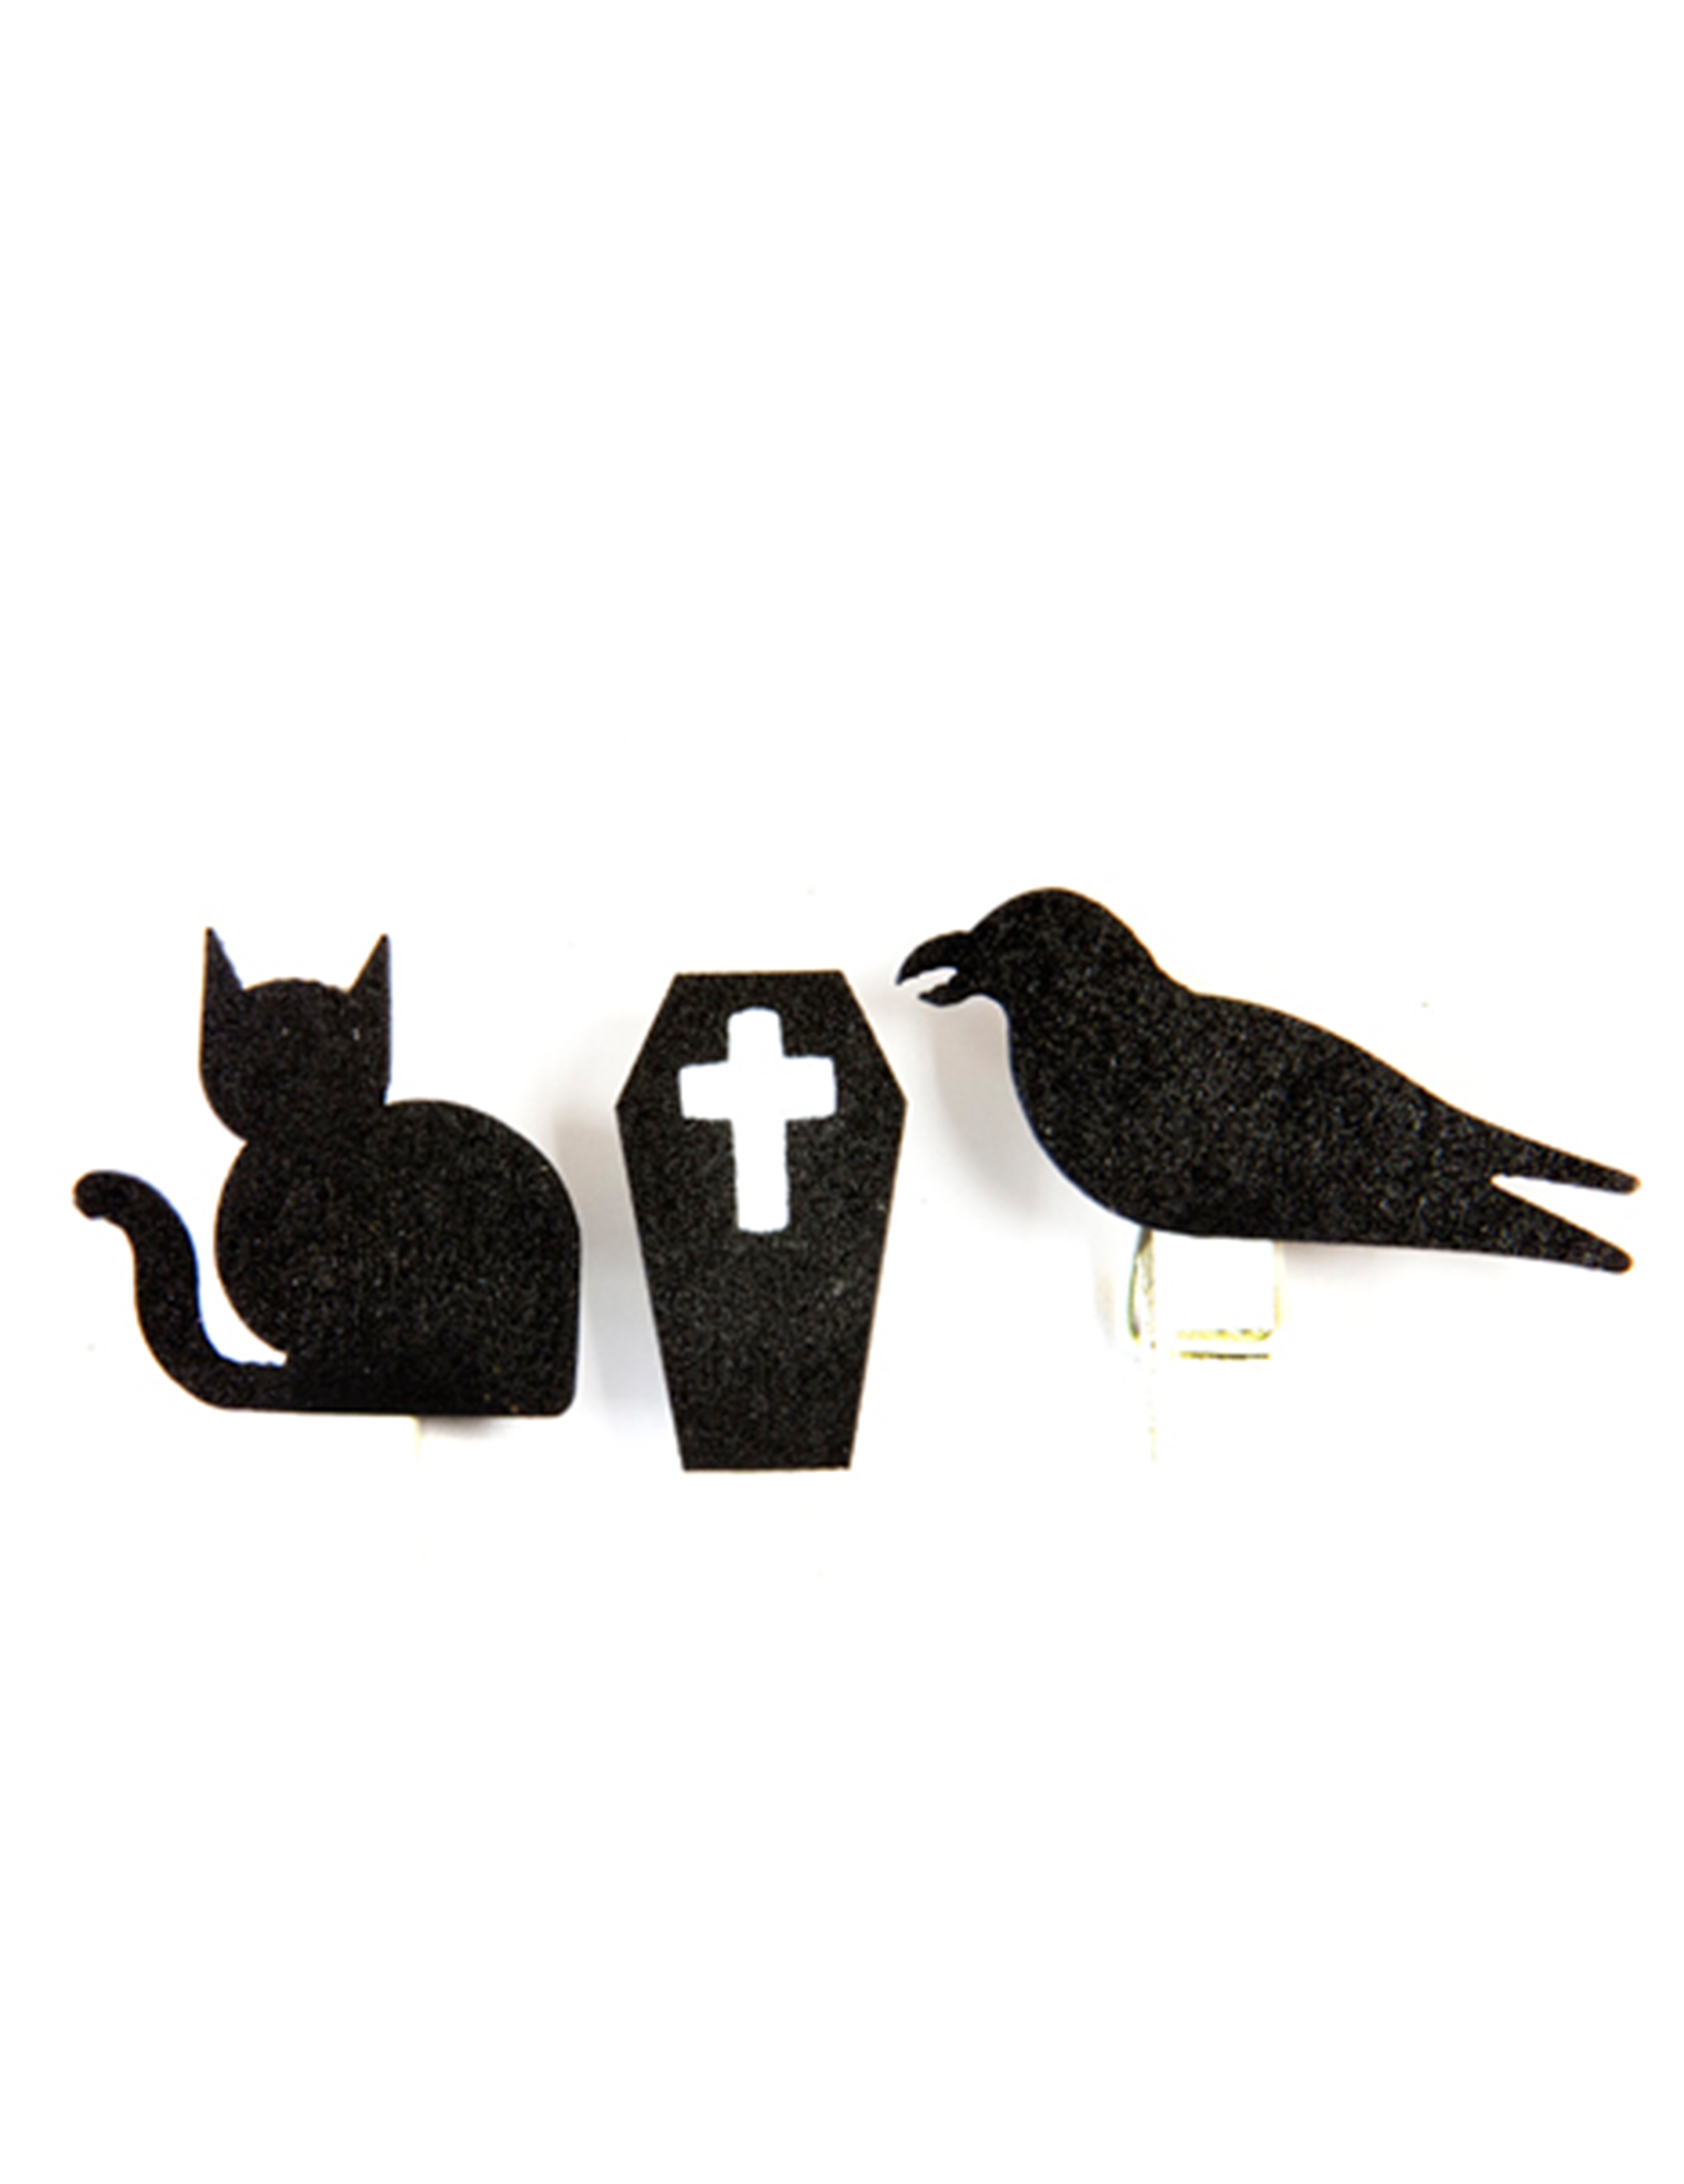 6 holzklammern gothic motive halloween schwarz wei partydeko und g nstige faschingskost me. Black Bedroom Furniture Sets. Home Design Ideas